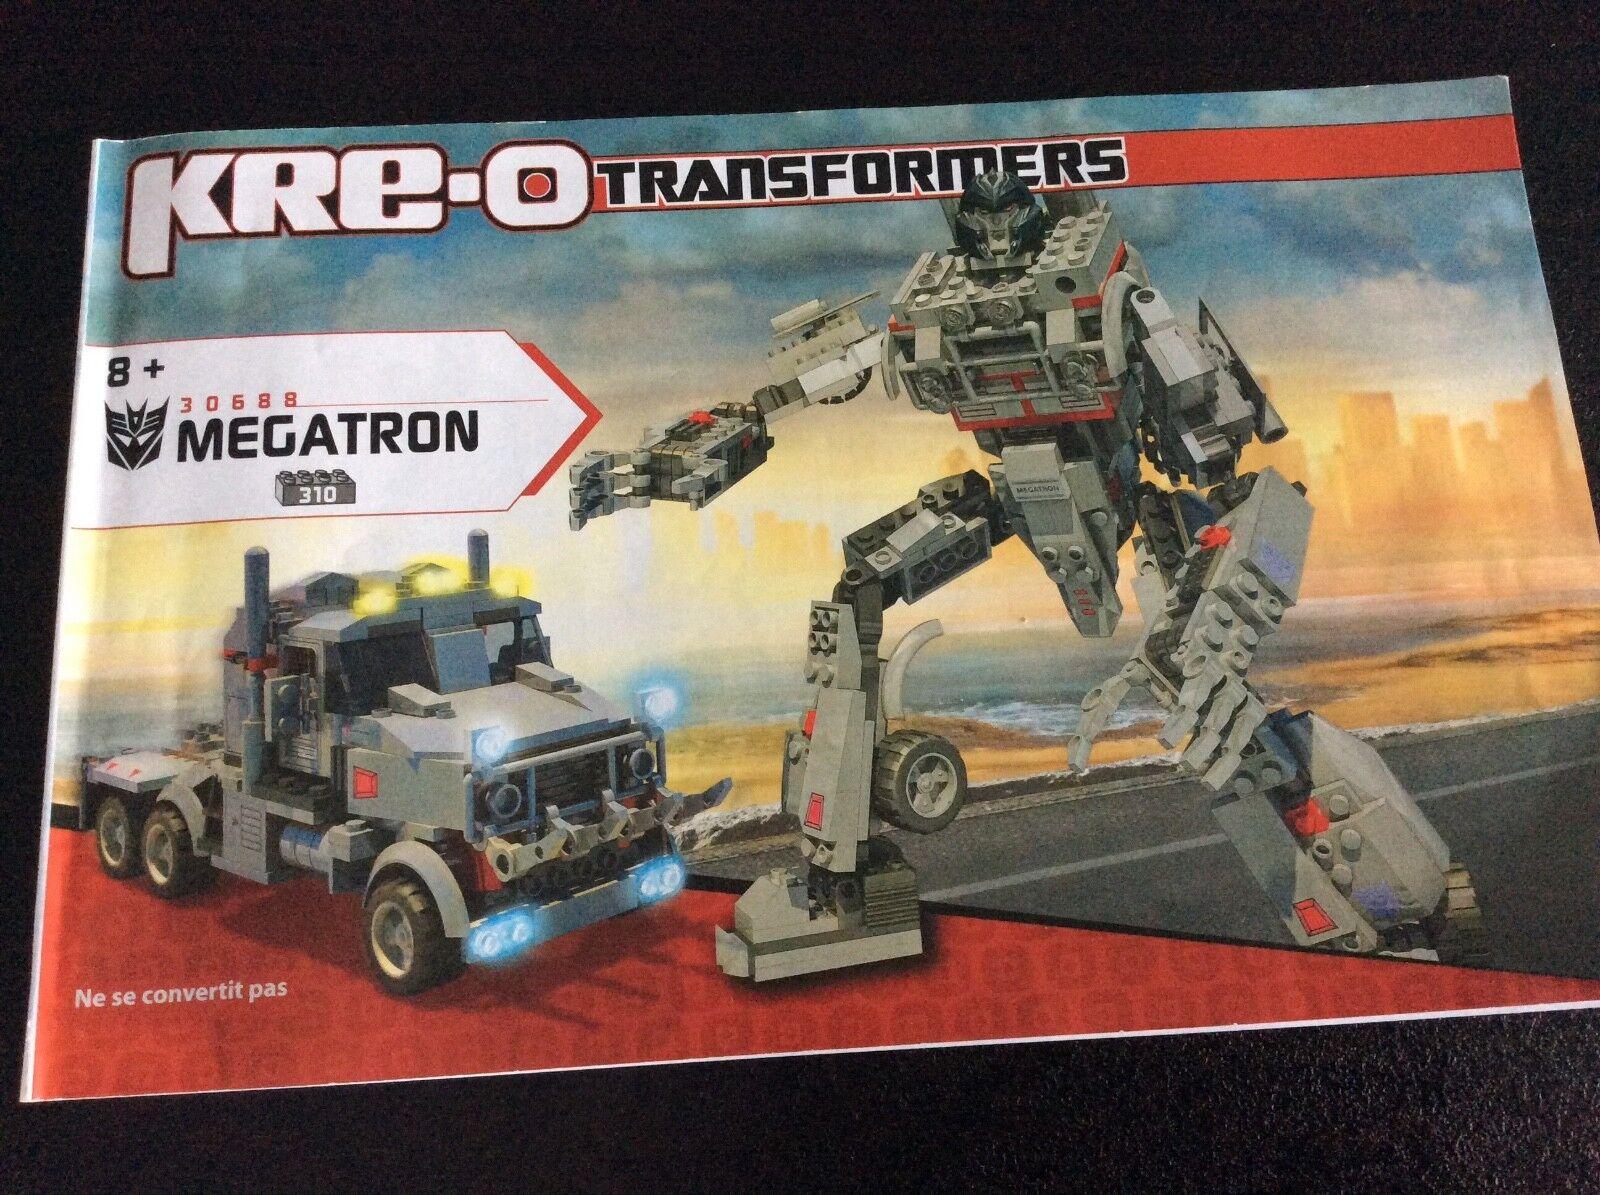 Jouet Transformers KRE-O Megatron 30688